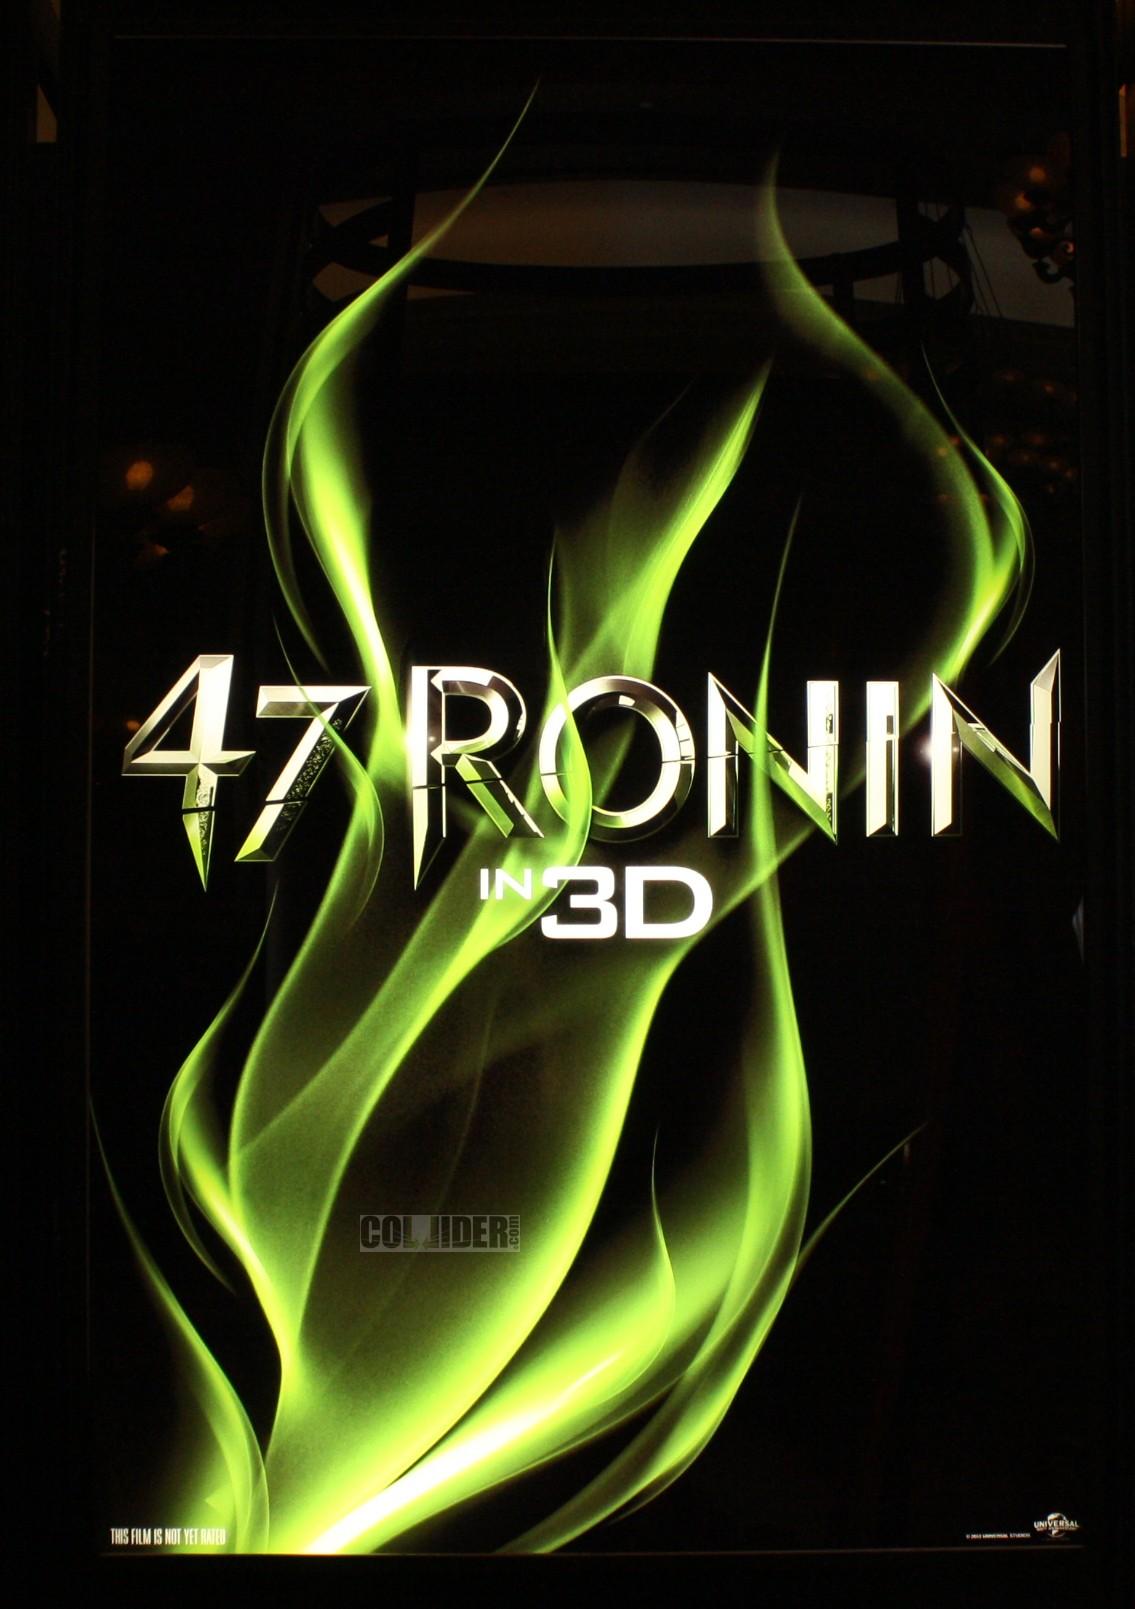 плакат фильма сейлс-арт 47 ронинов